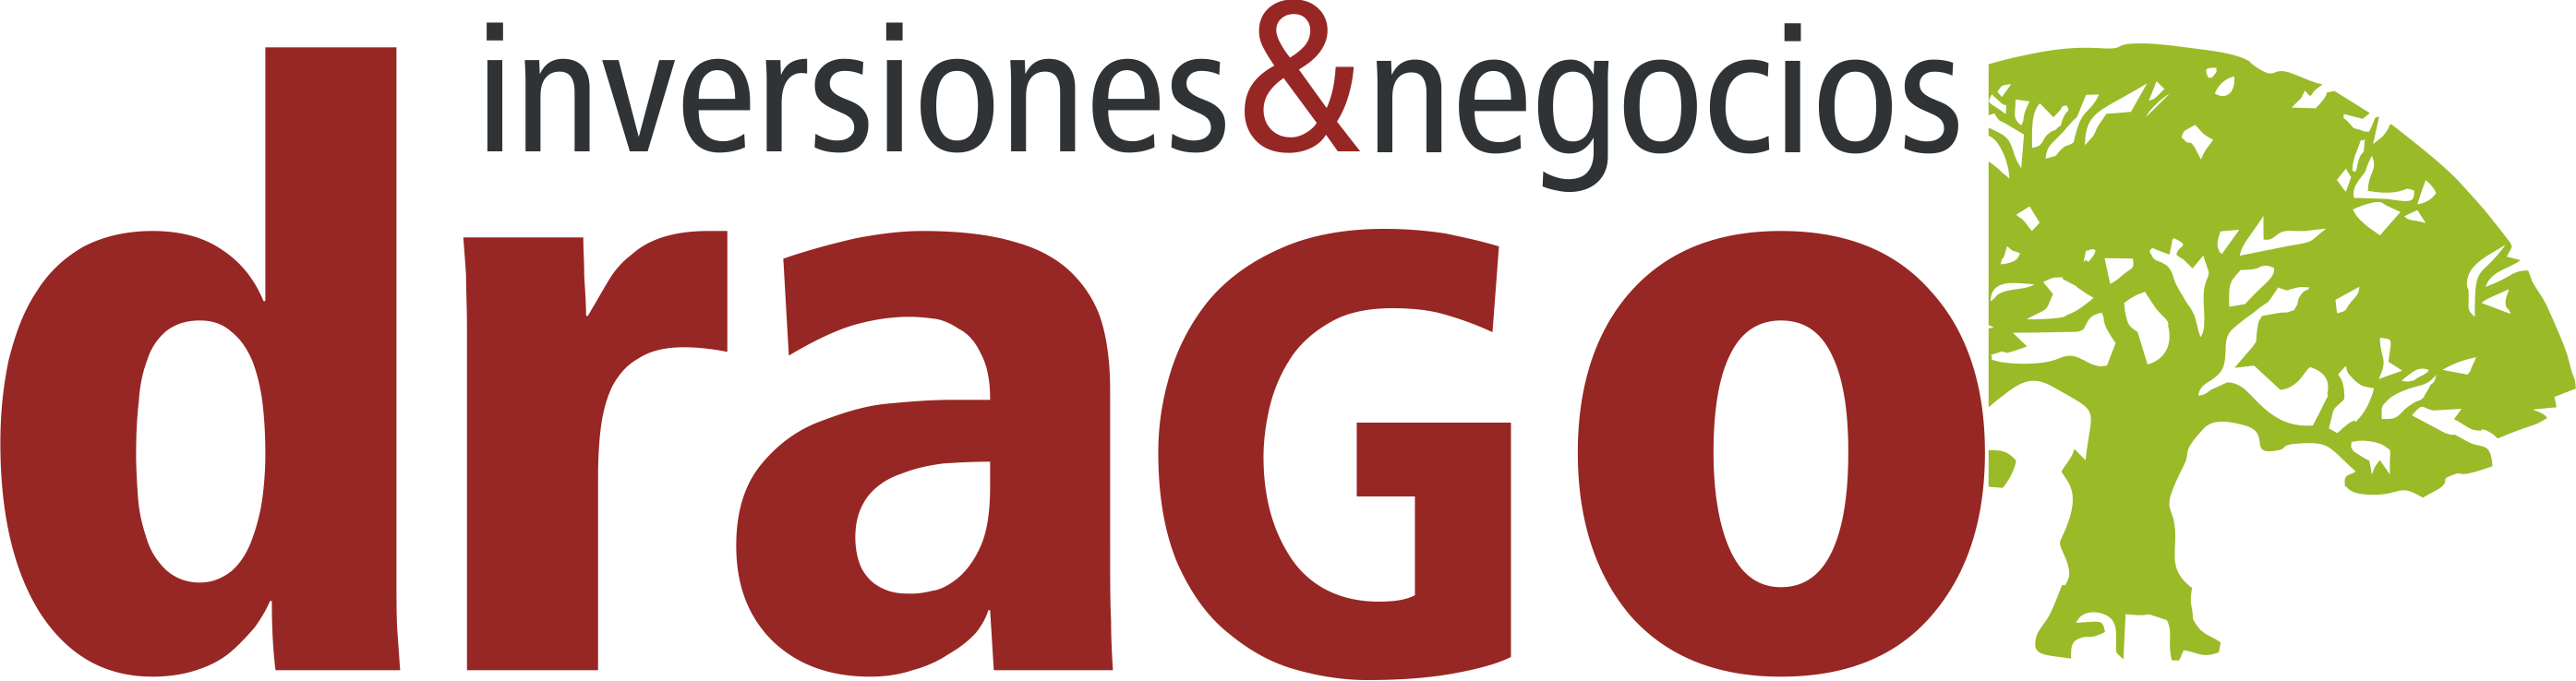 Inversiones y Negocios Drago: Empresas en Canarias